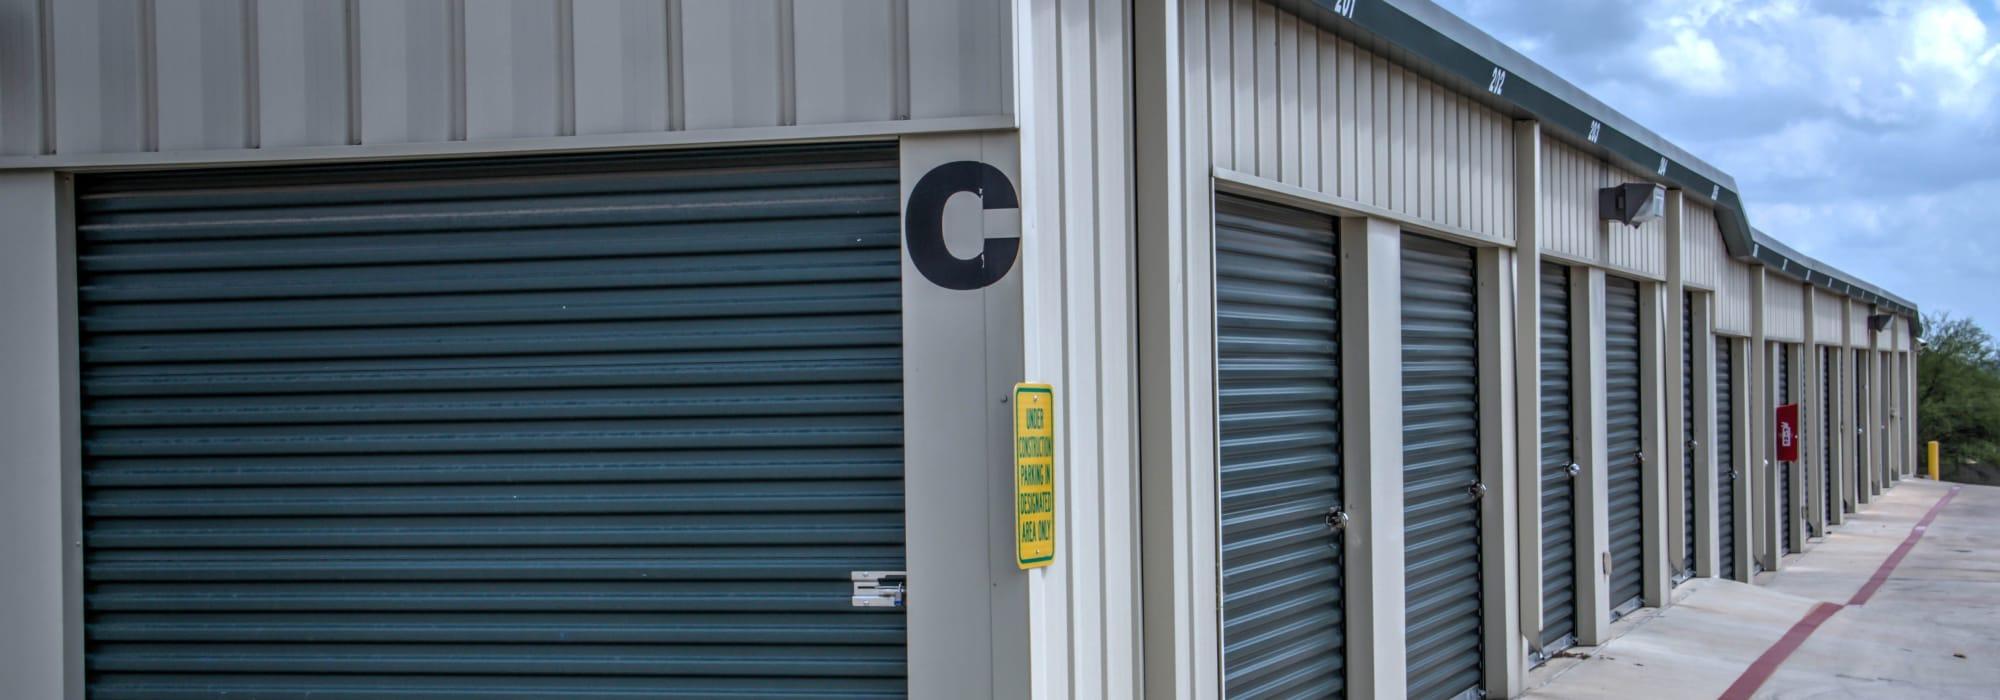 Lockaway Storage in San Antonio, Texas